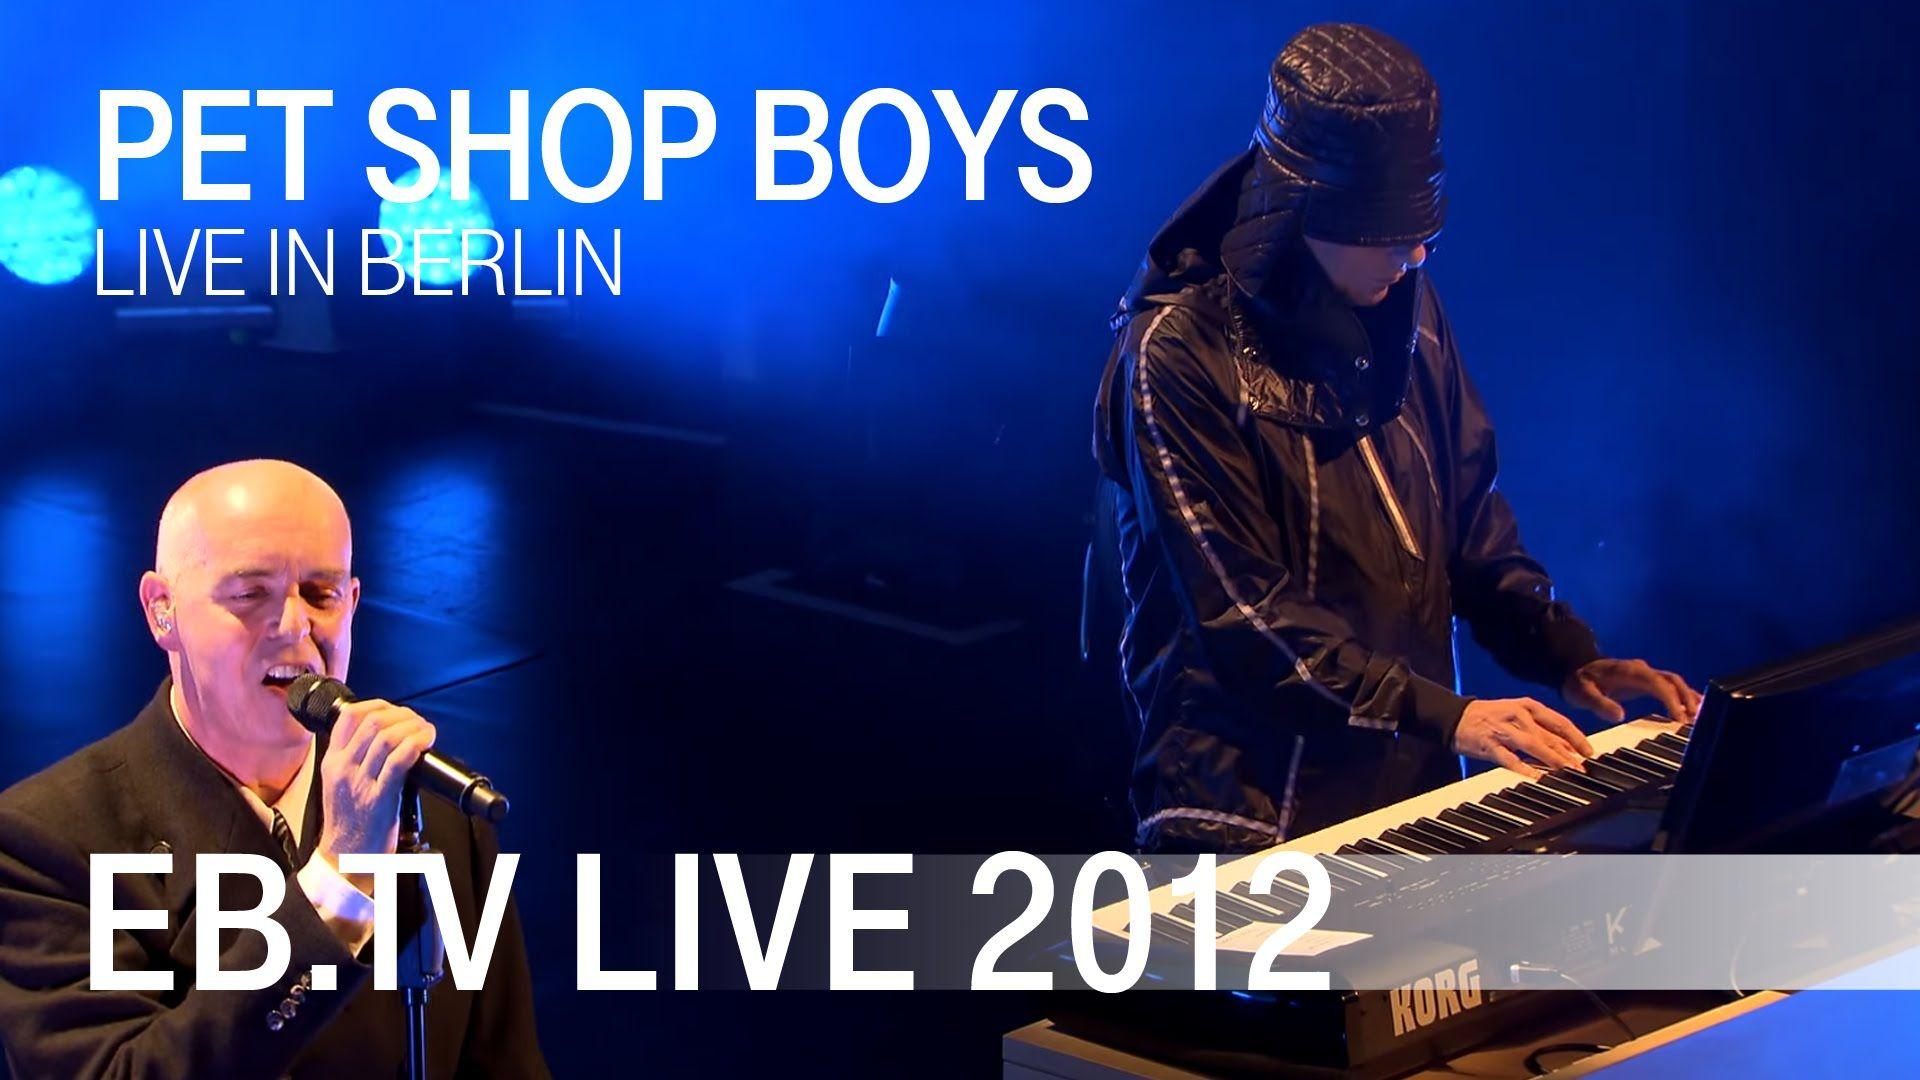 Pet Shop Boys Live In Berlin 2012 Pet Shop Boys Pets Music Concert